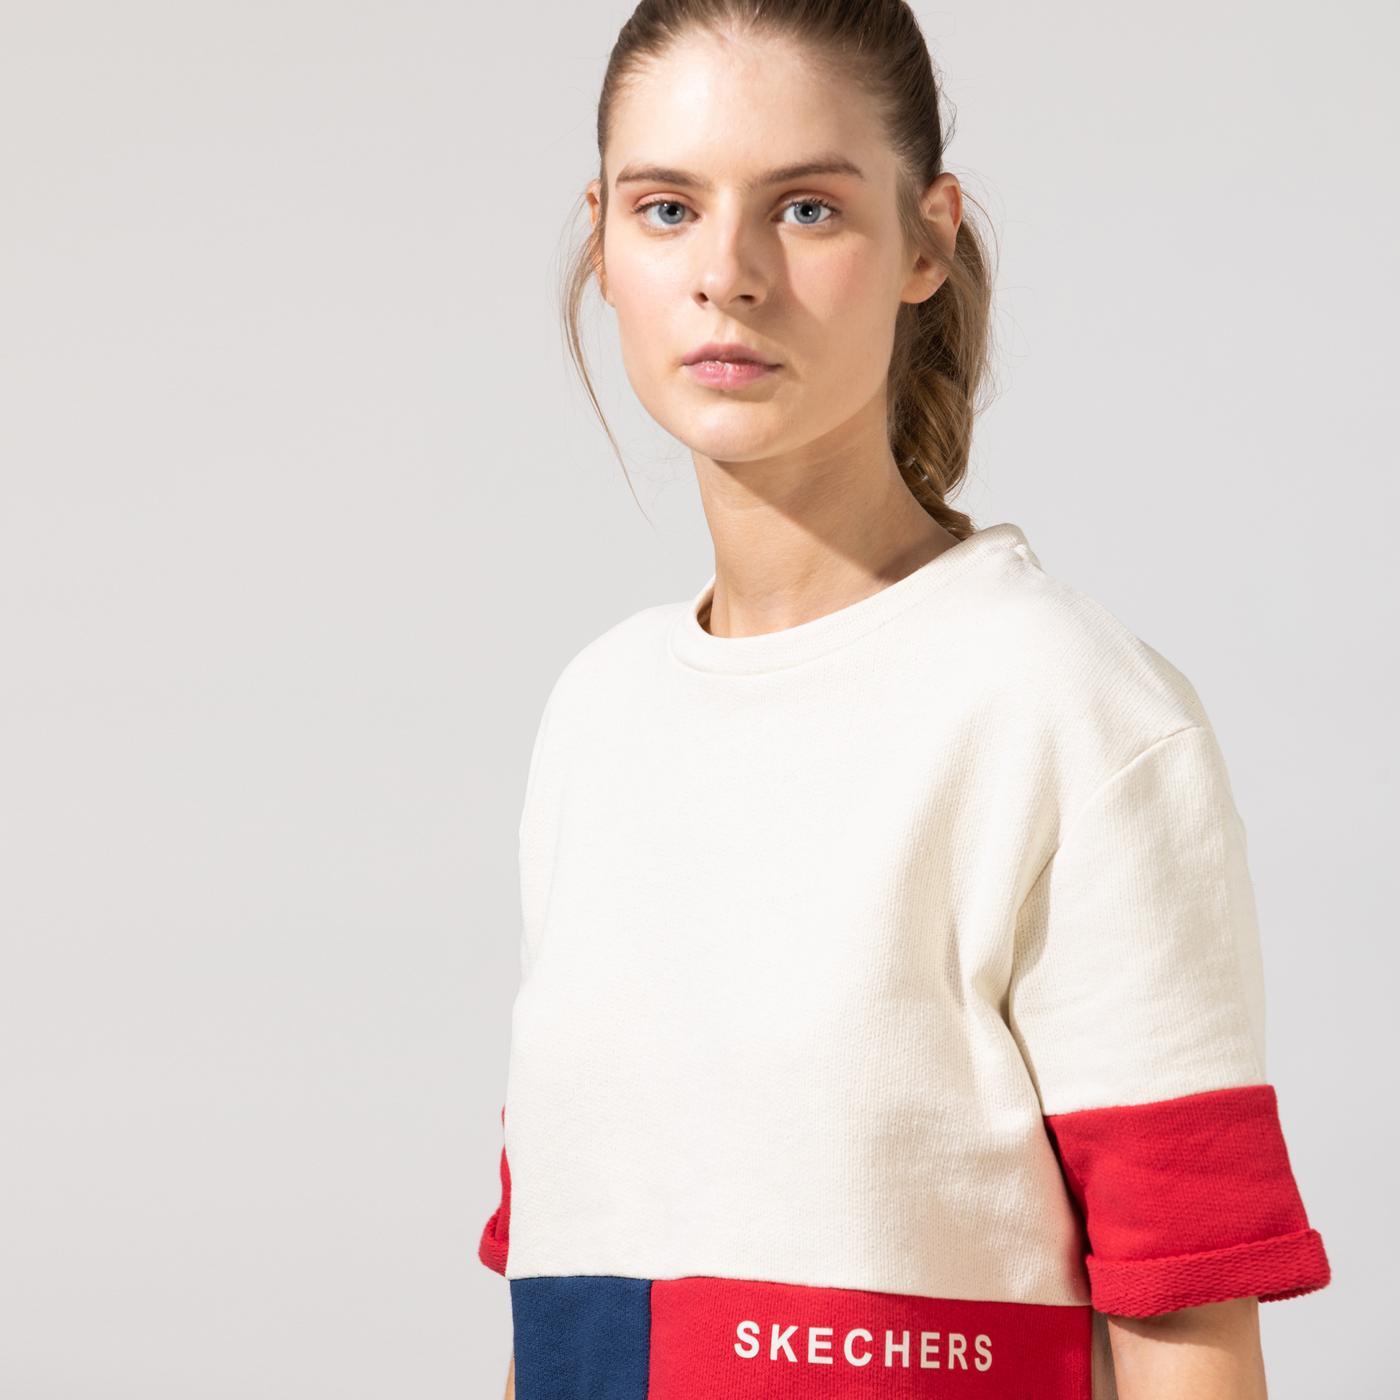 Skechers Fleece Kadın Renkli T-Shirt